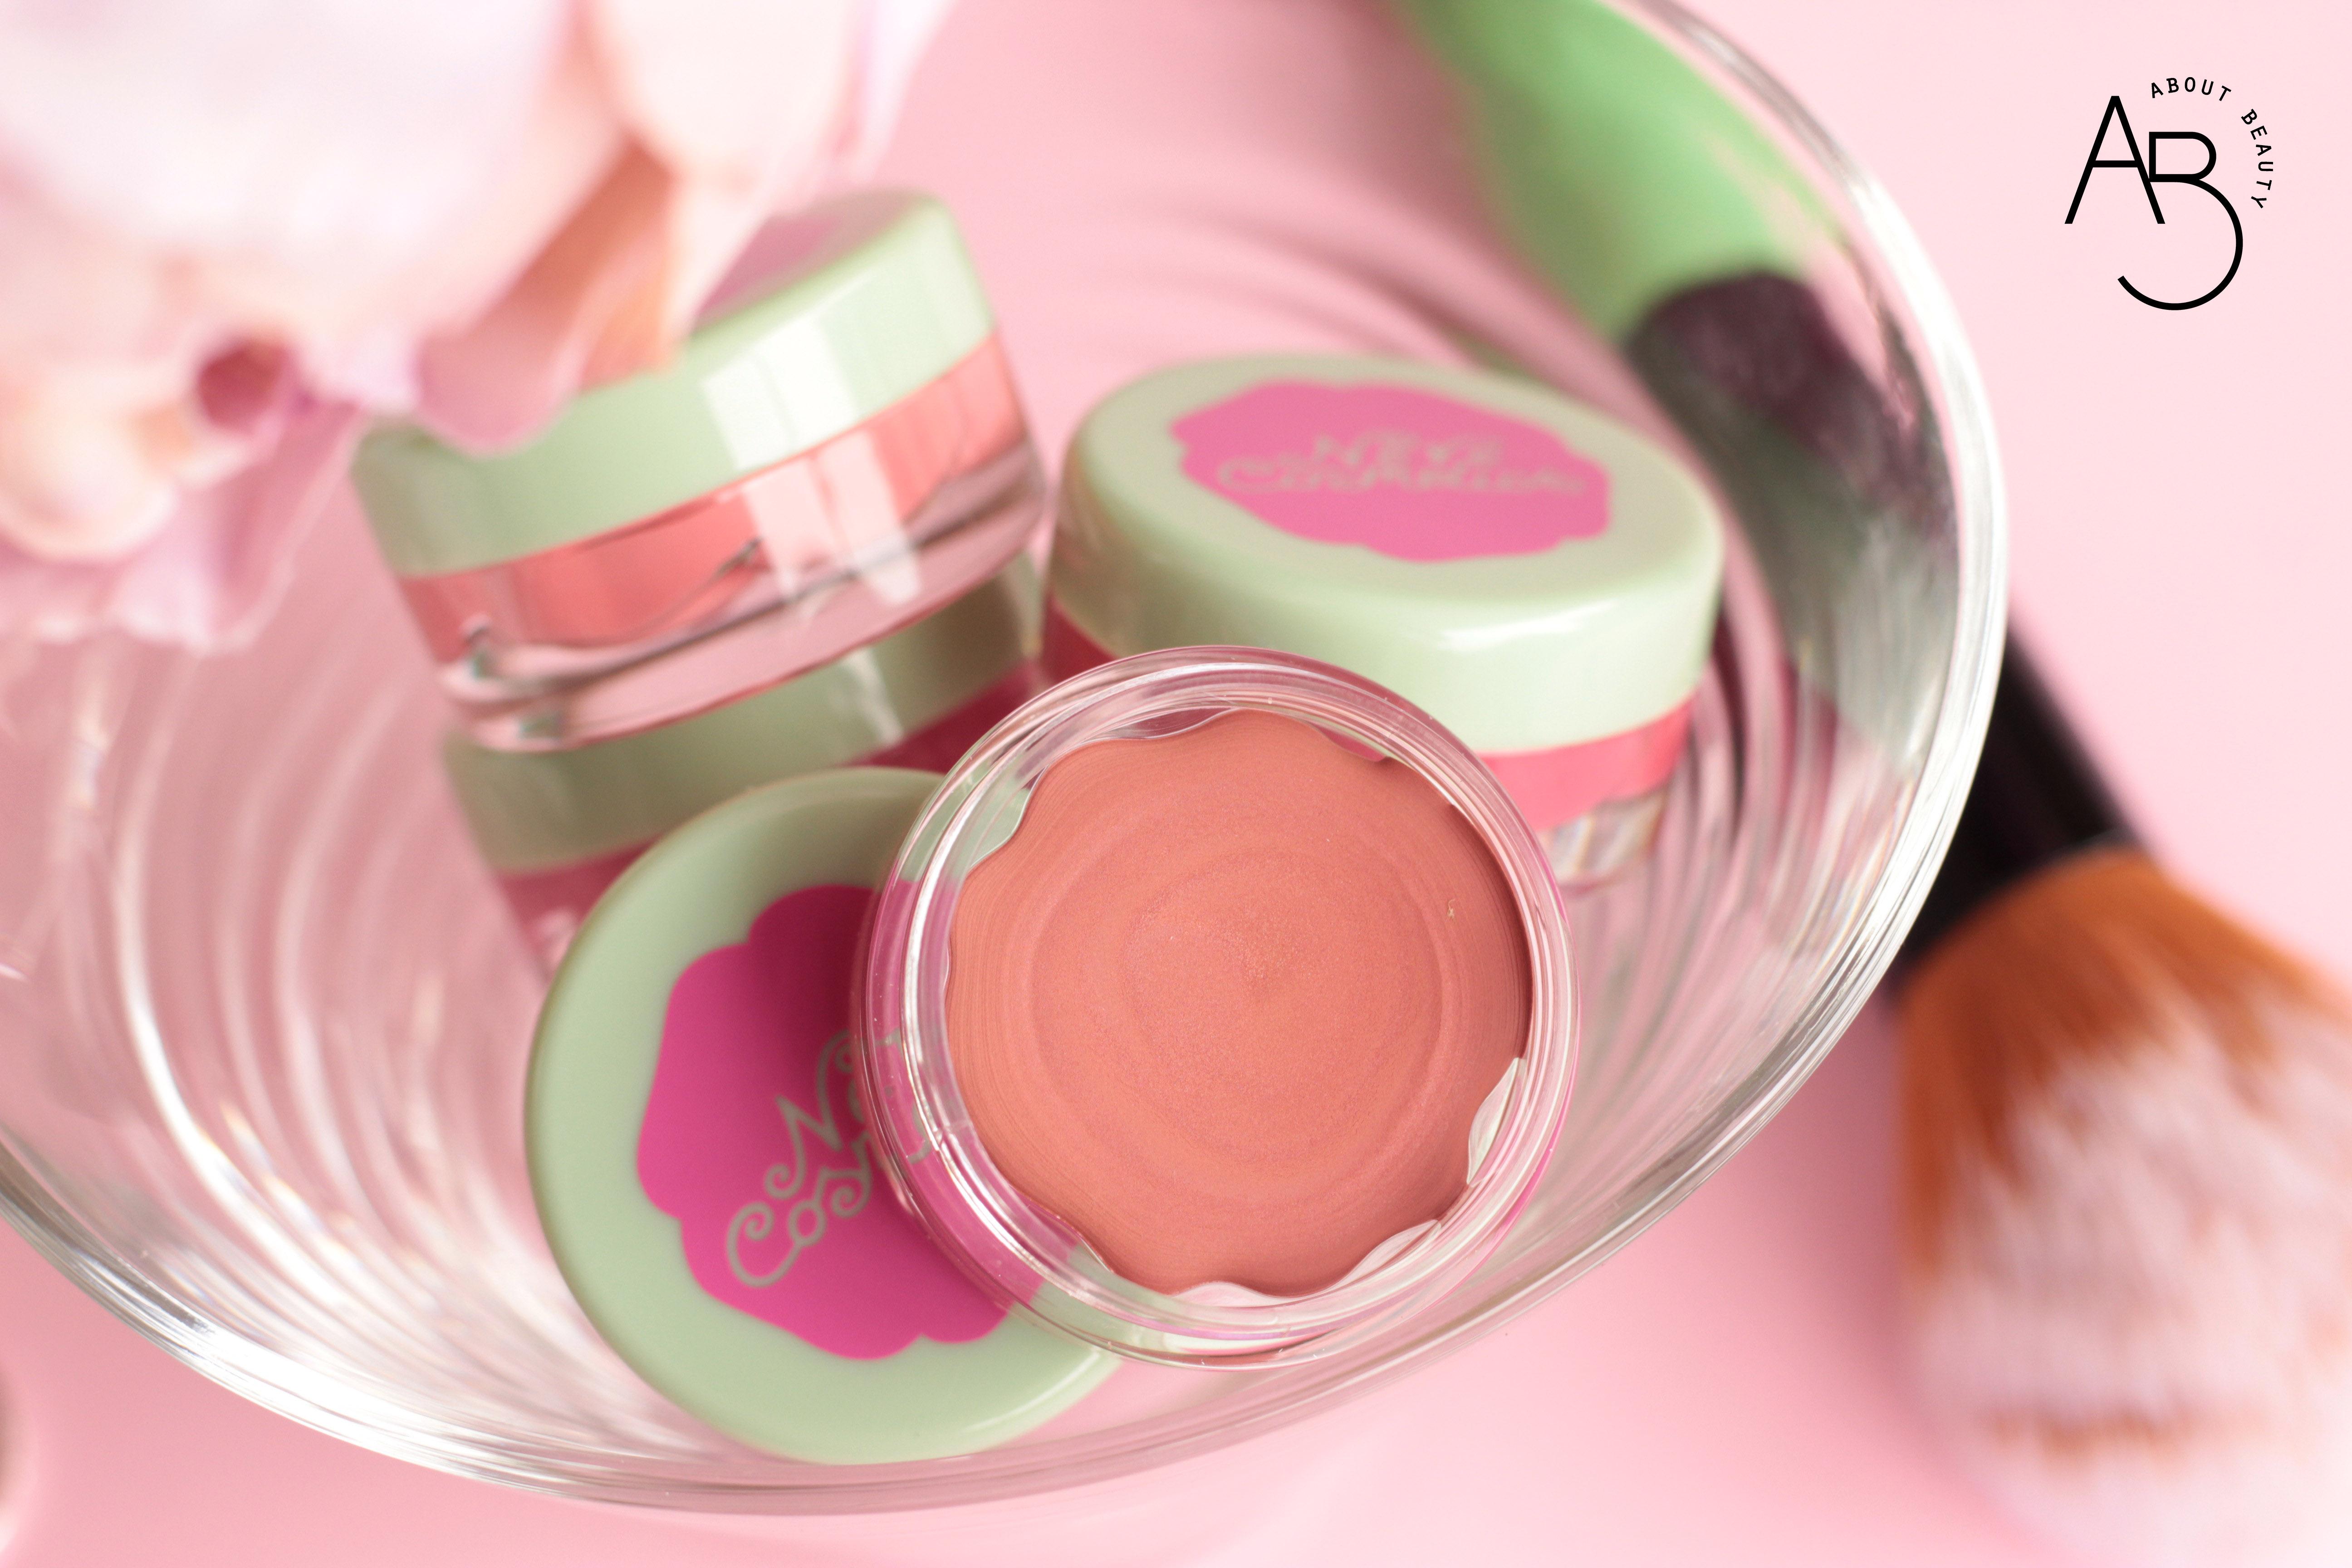 Blush Garden Neve Cosmetics: recensione, review, swatch, opinioni, sconto, dove acquistare, prezzo - Friday Rose